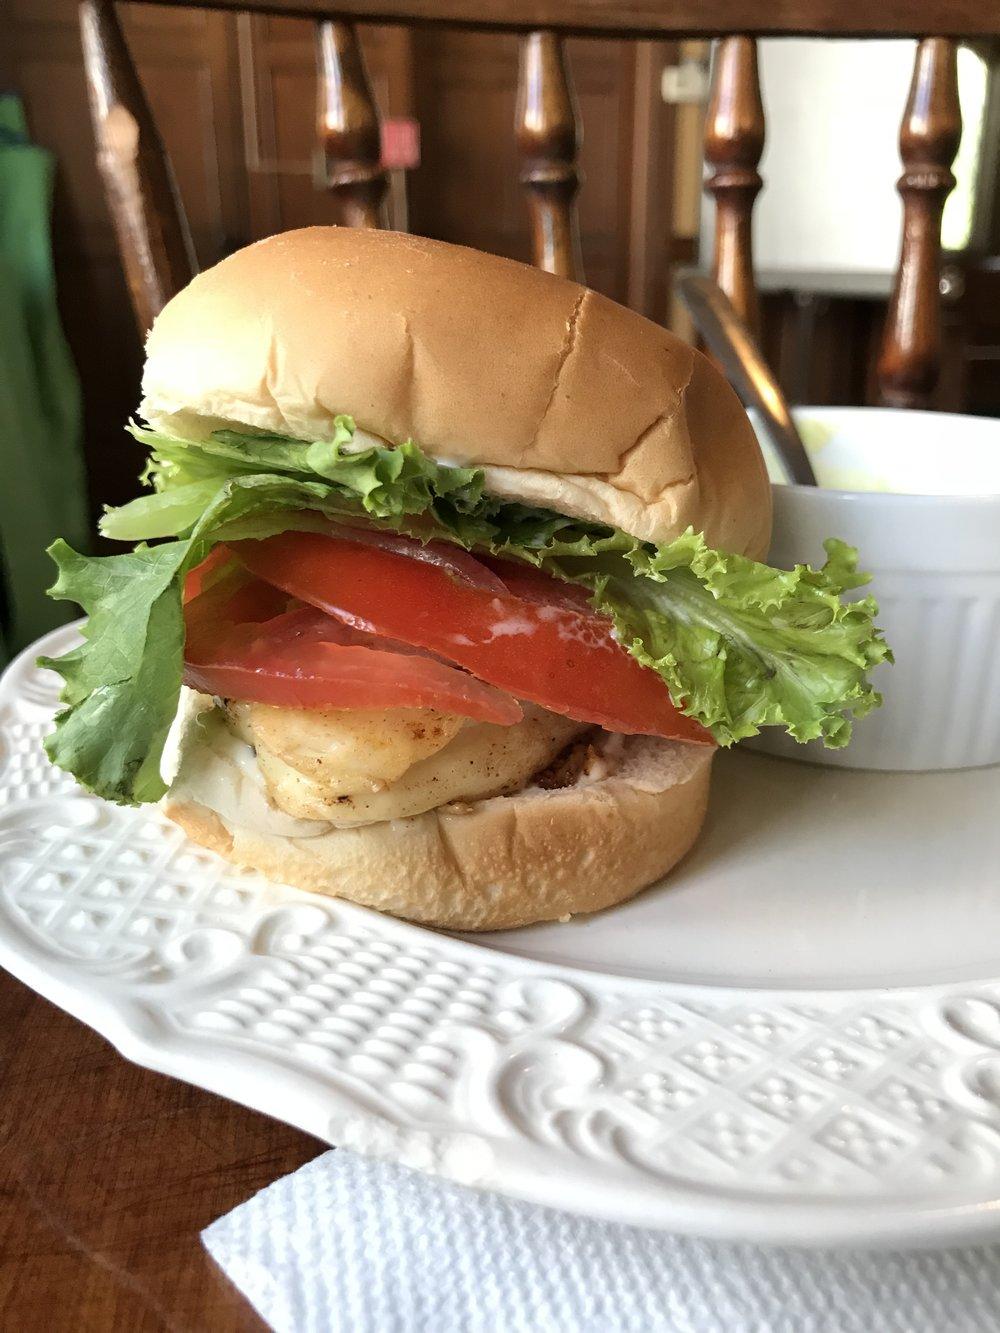 A Cheer-Up Cheeseburger